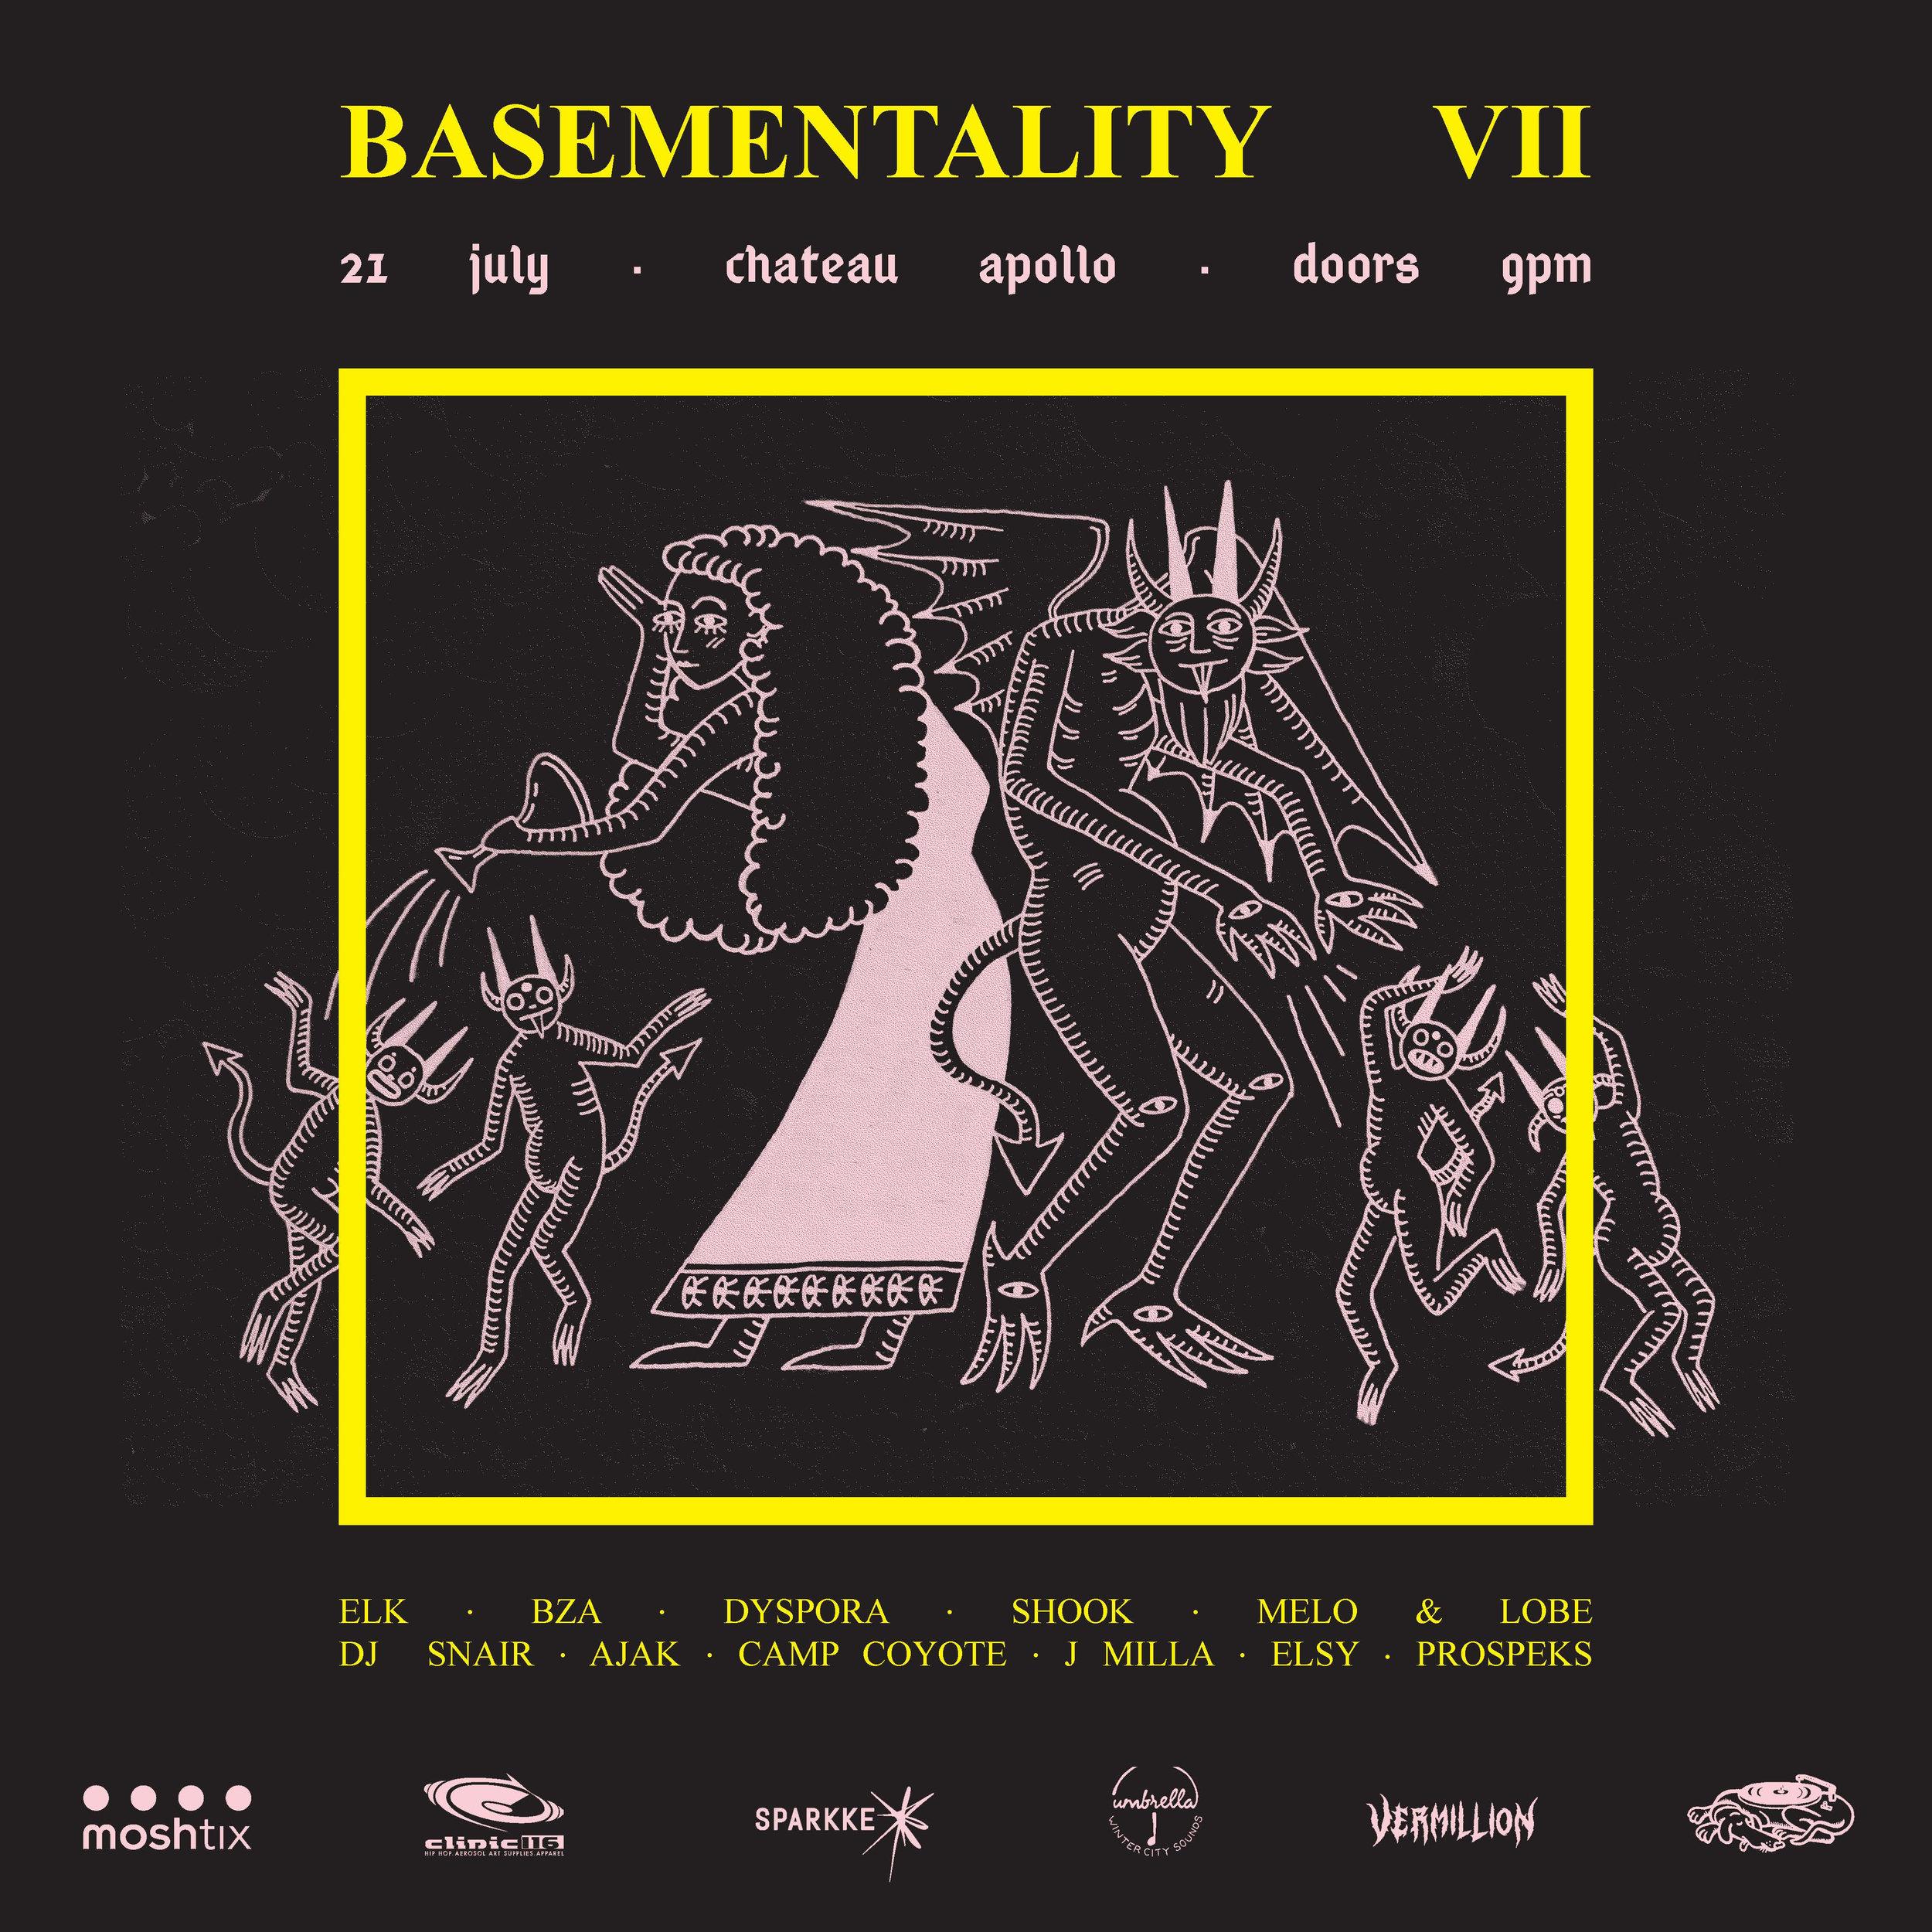 Basementality-July21-2018-Flyer2.jpg